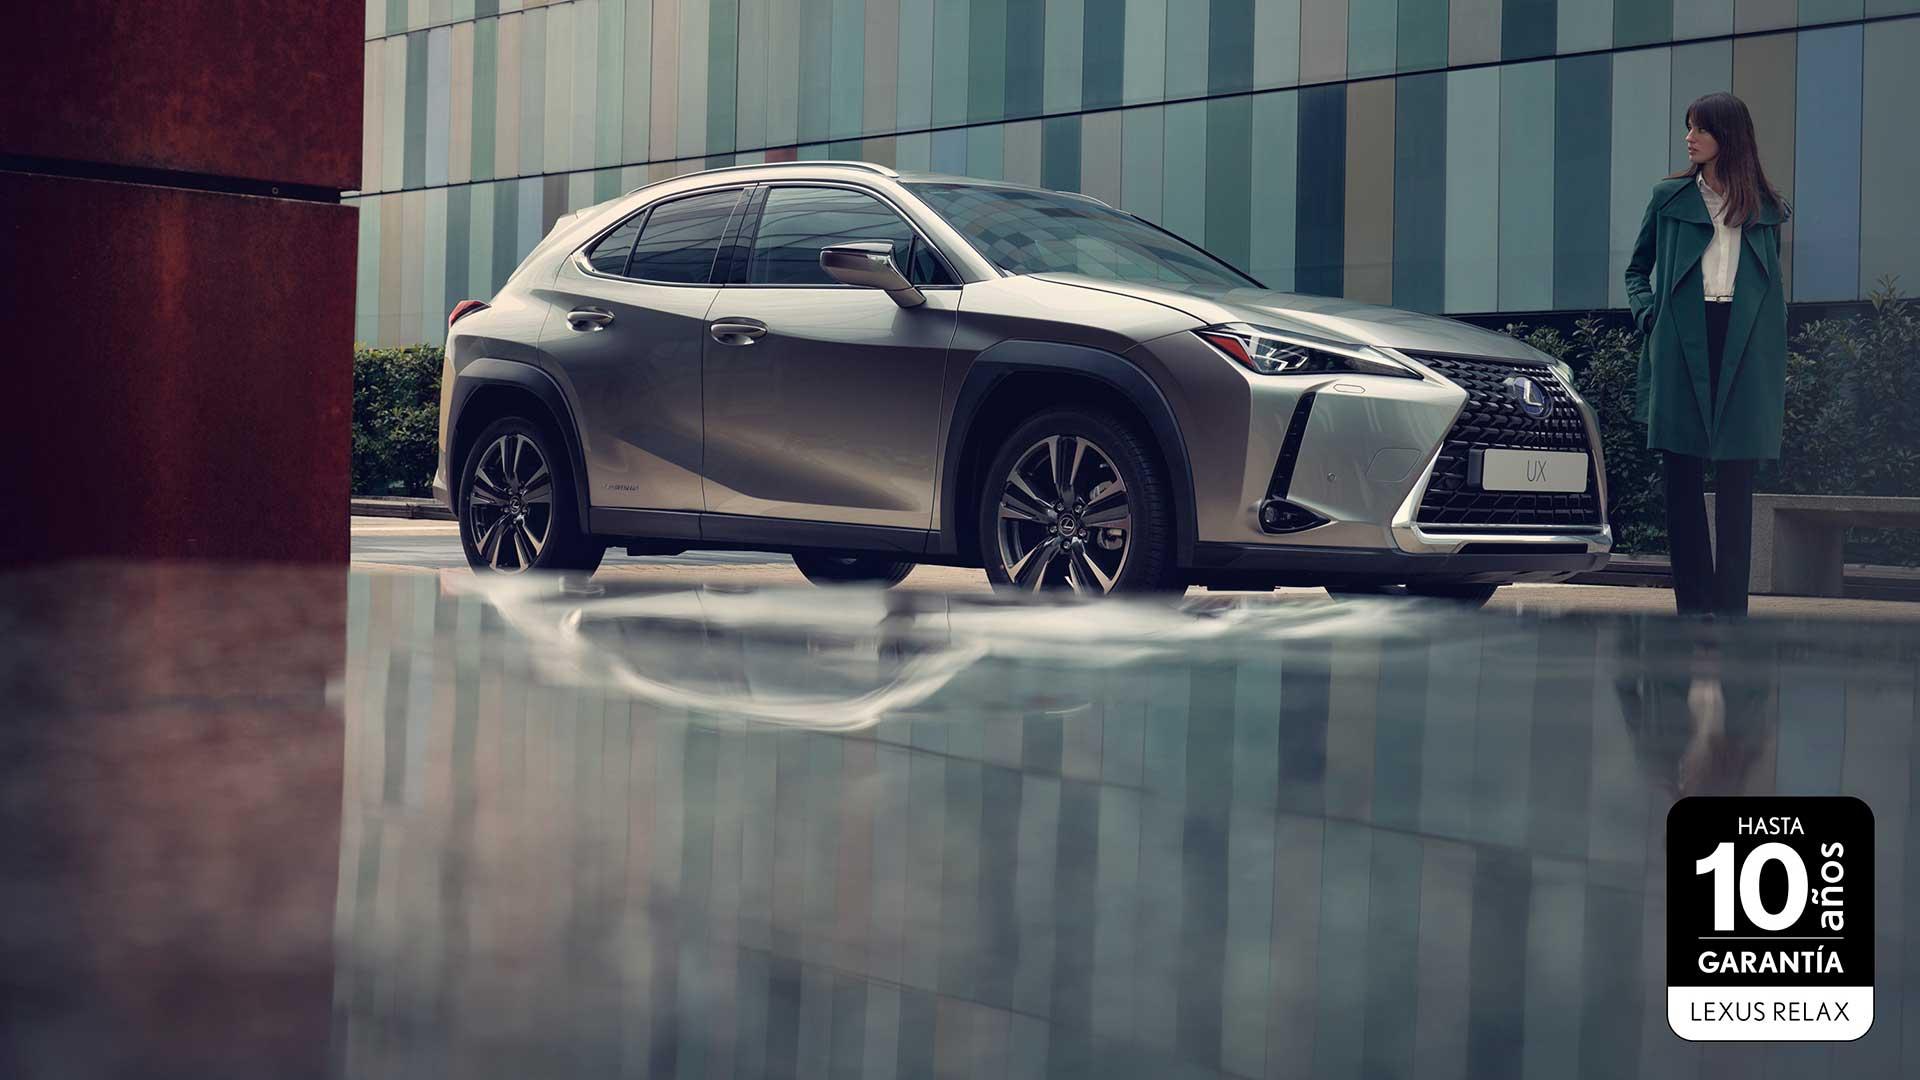 Lexus Relax: toda la gama de modelos Lexus con hasta 10 años de garantía